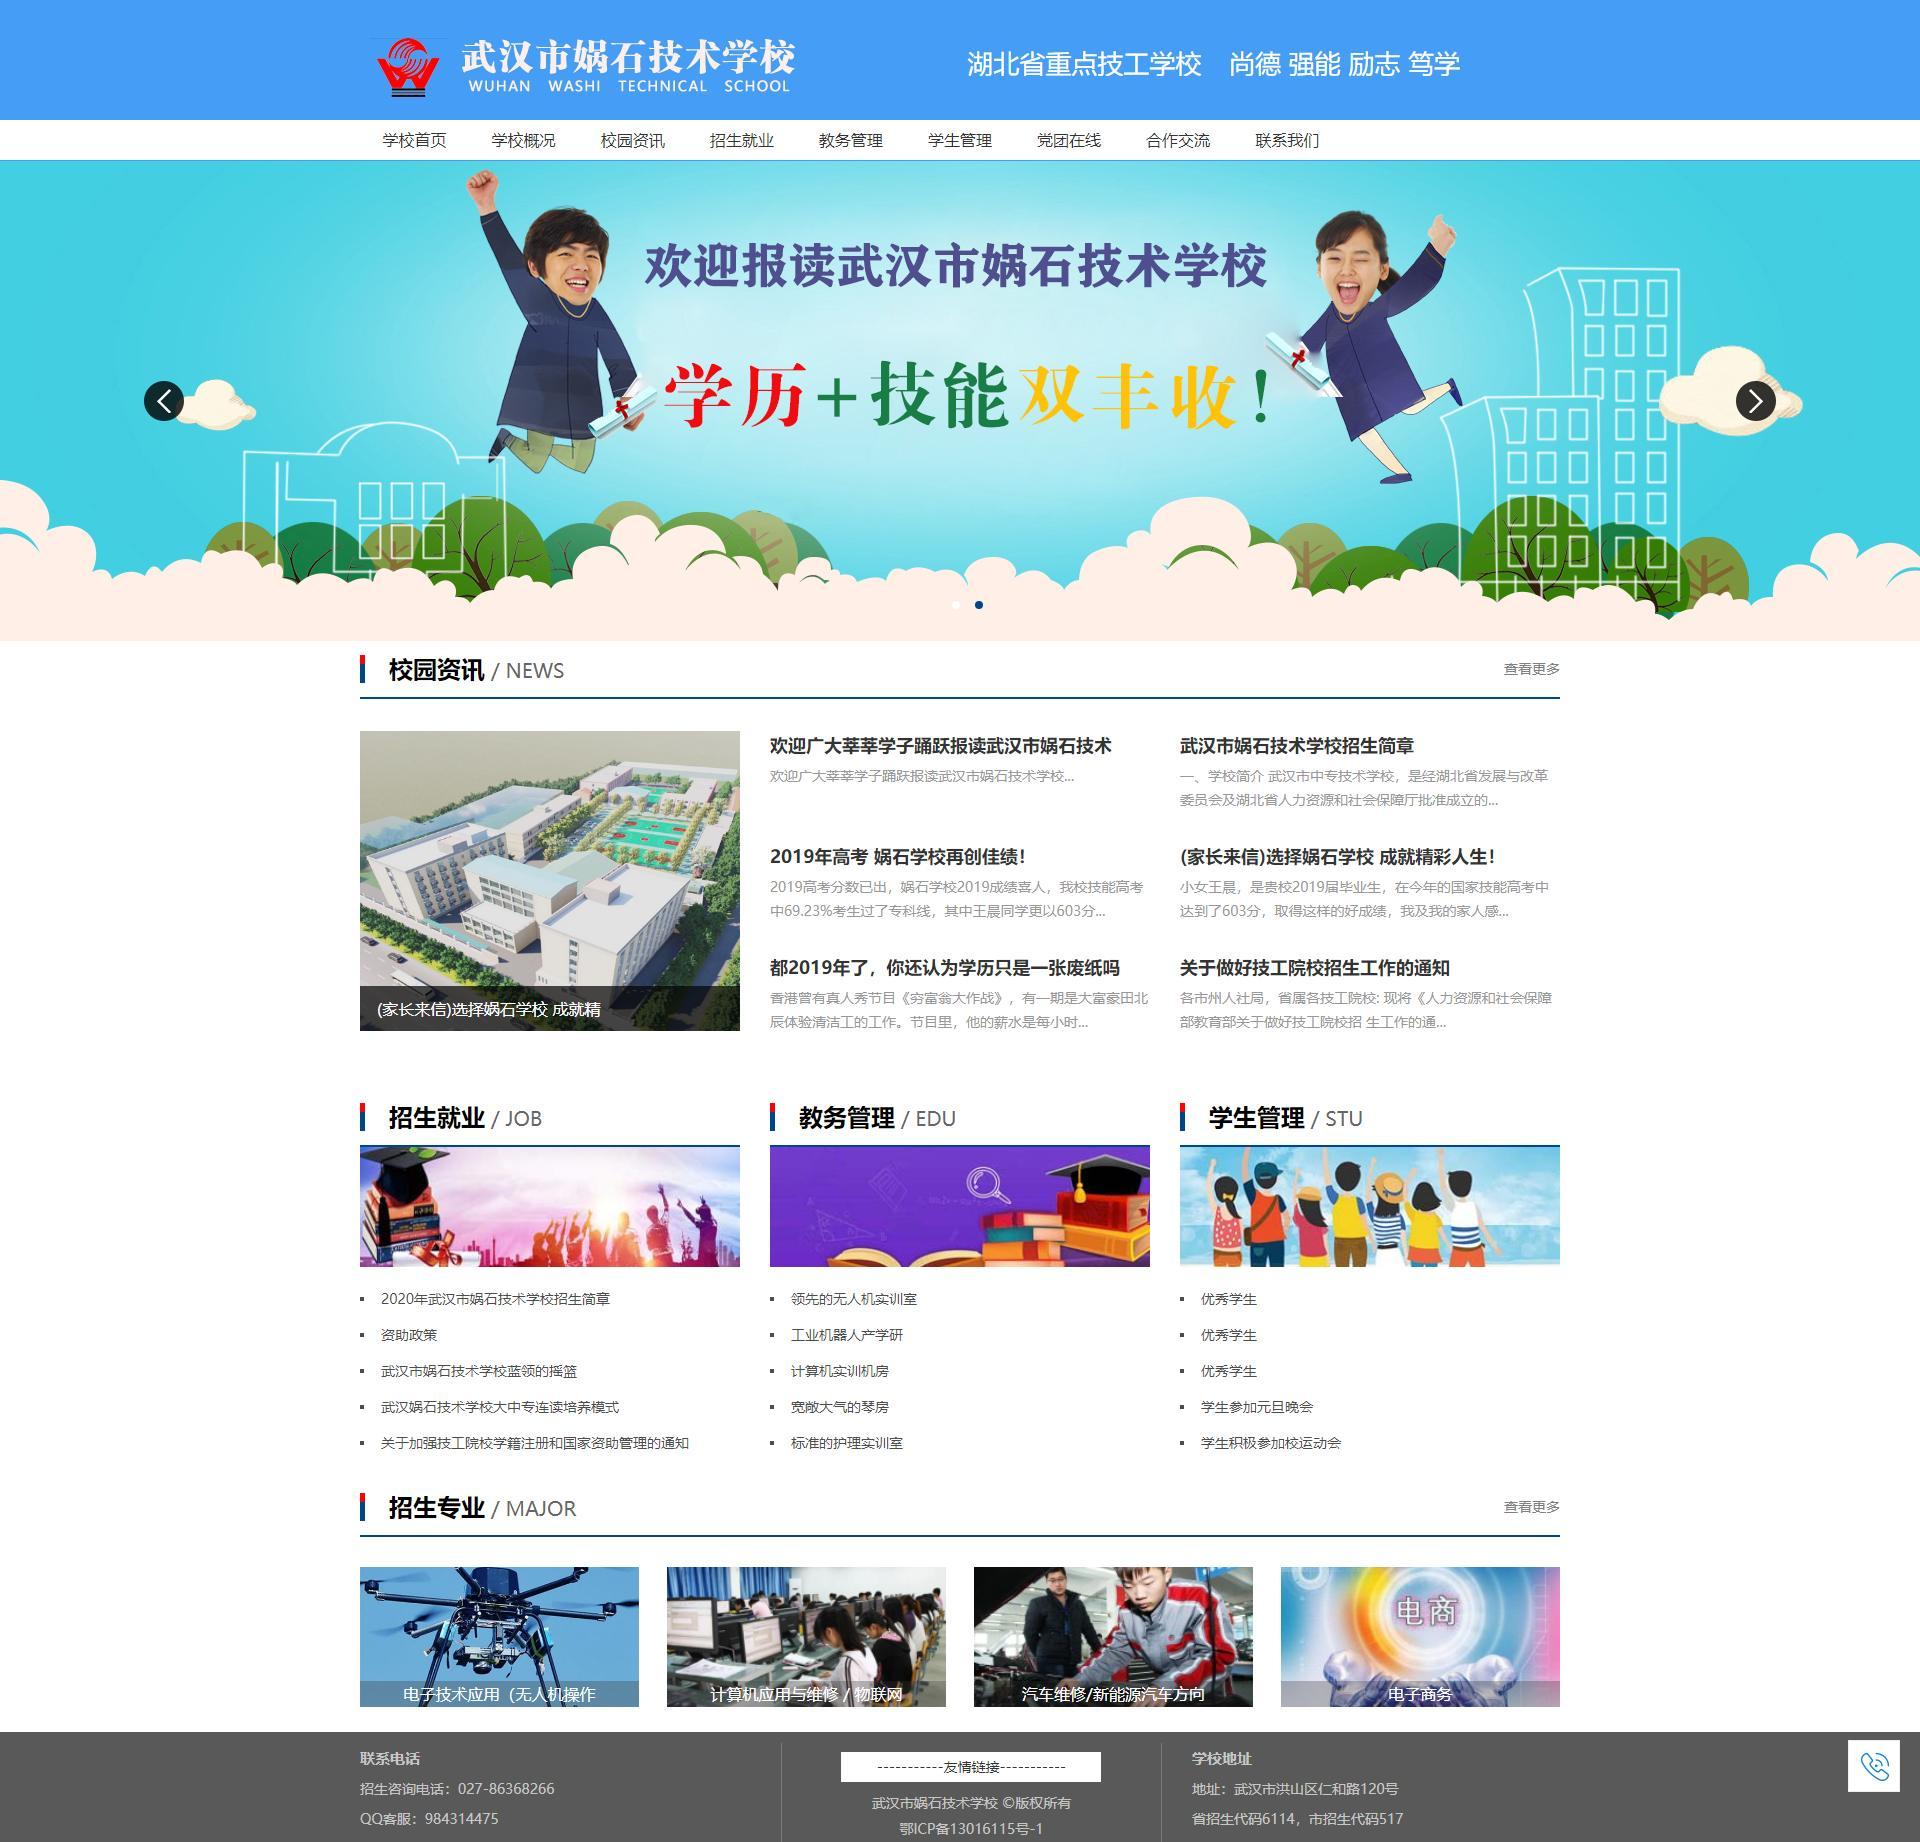 职业技术学校网站建设模板